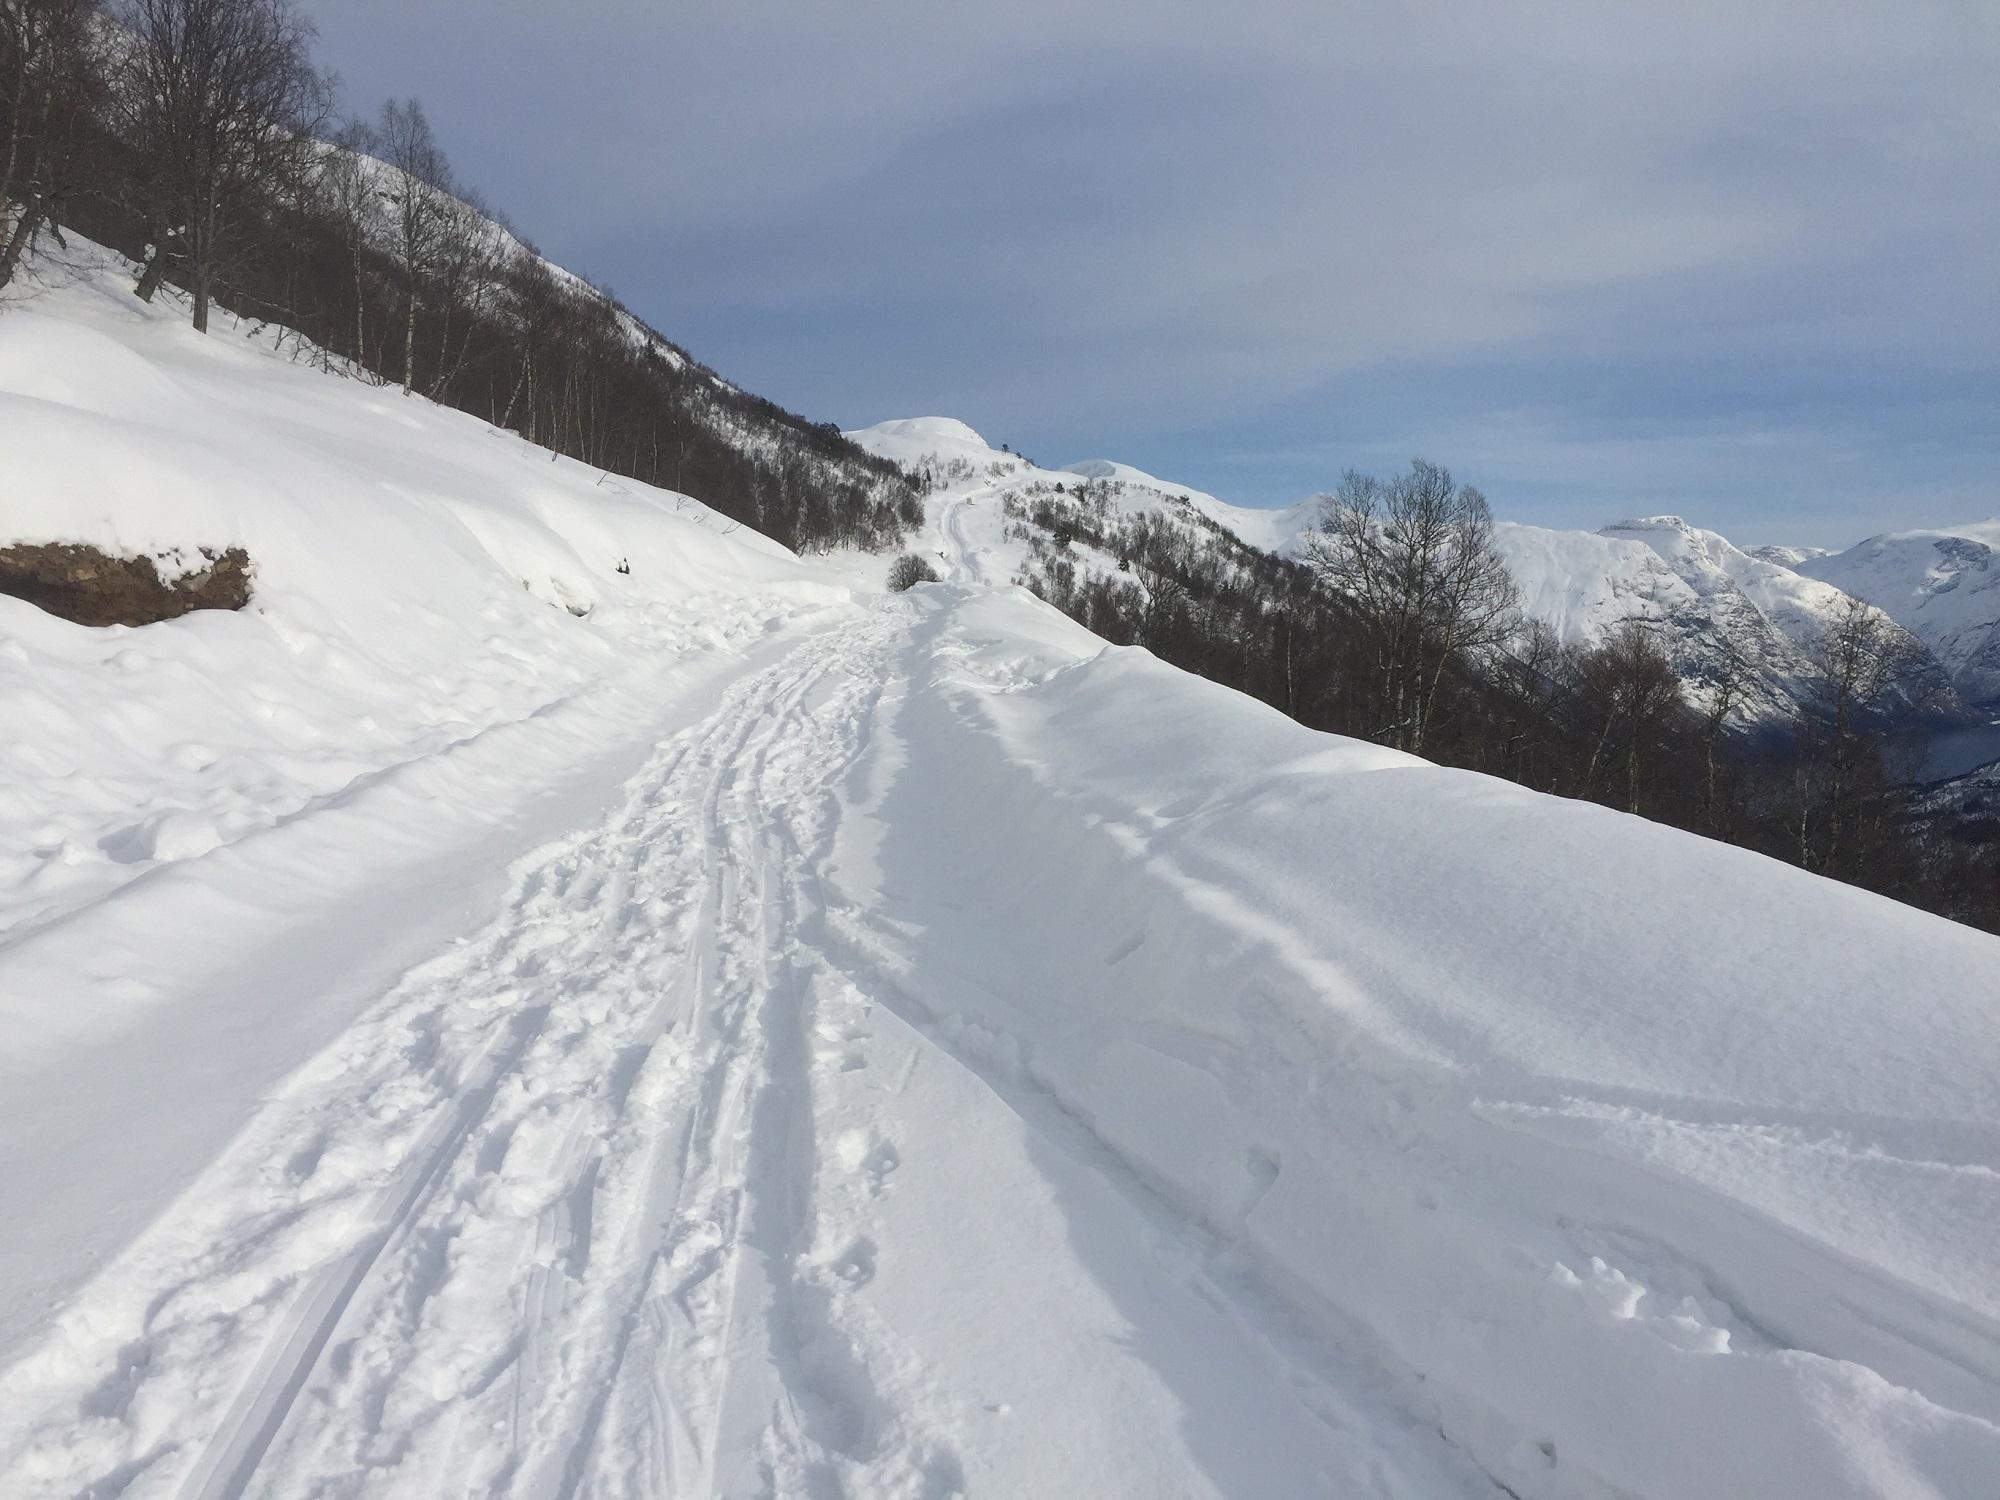 Vegen mot toppen er snart klar. Nokre har testa vegen på ski!